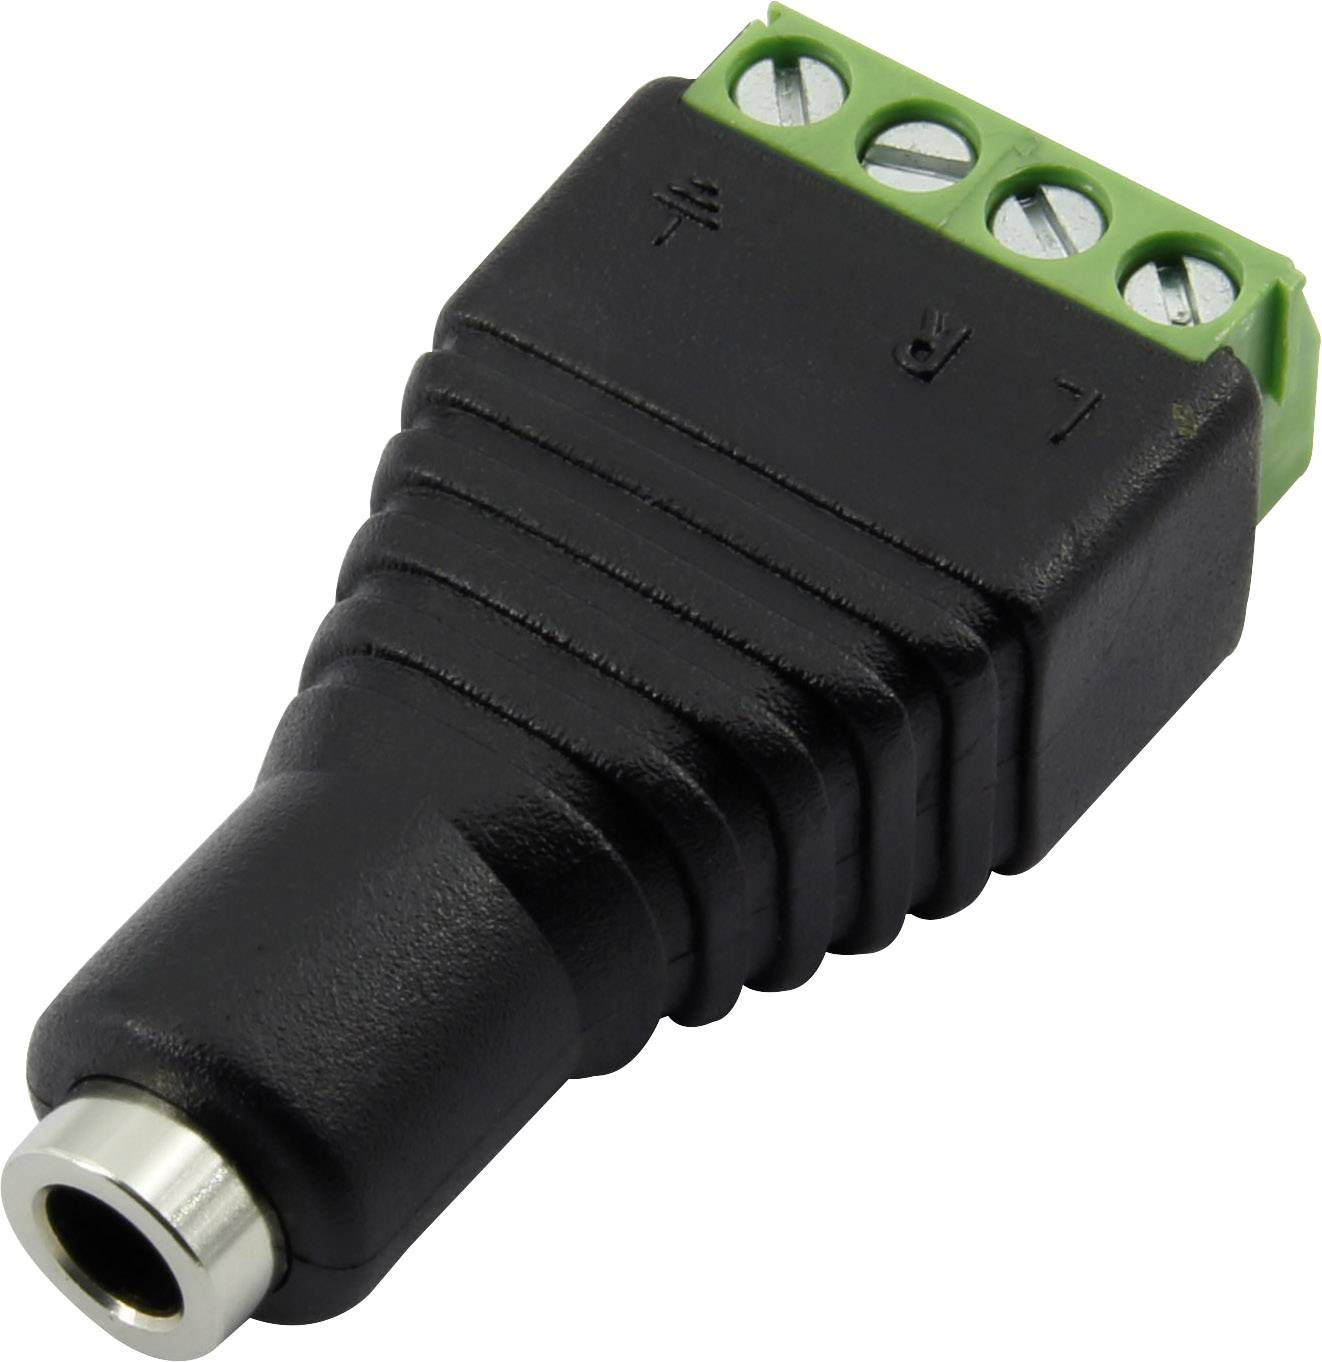 Jack konektor 3.5 mm stereo zásuvka, rovná Conrad Components 93013c1120, počet pinov: 4, čierna, 1 ks